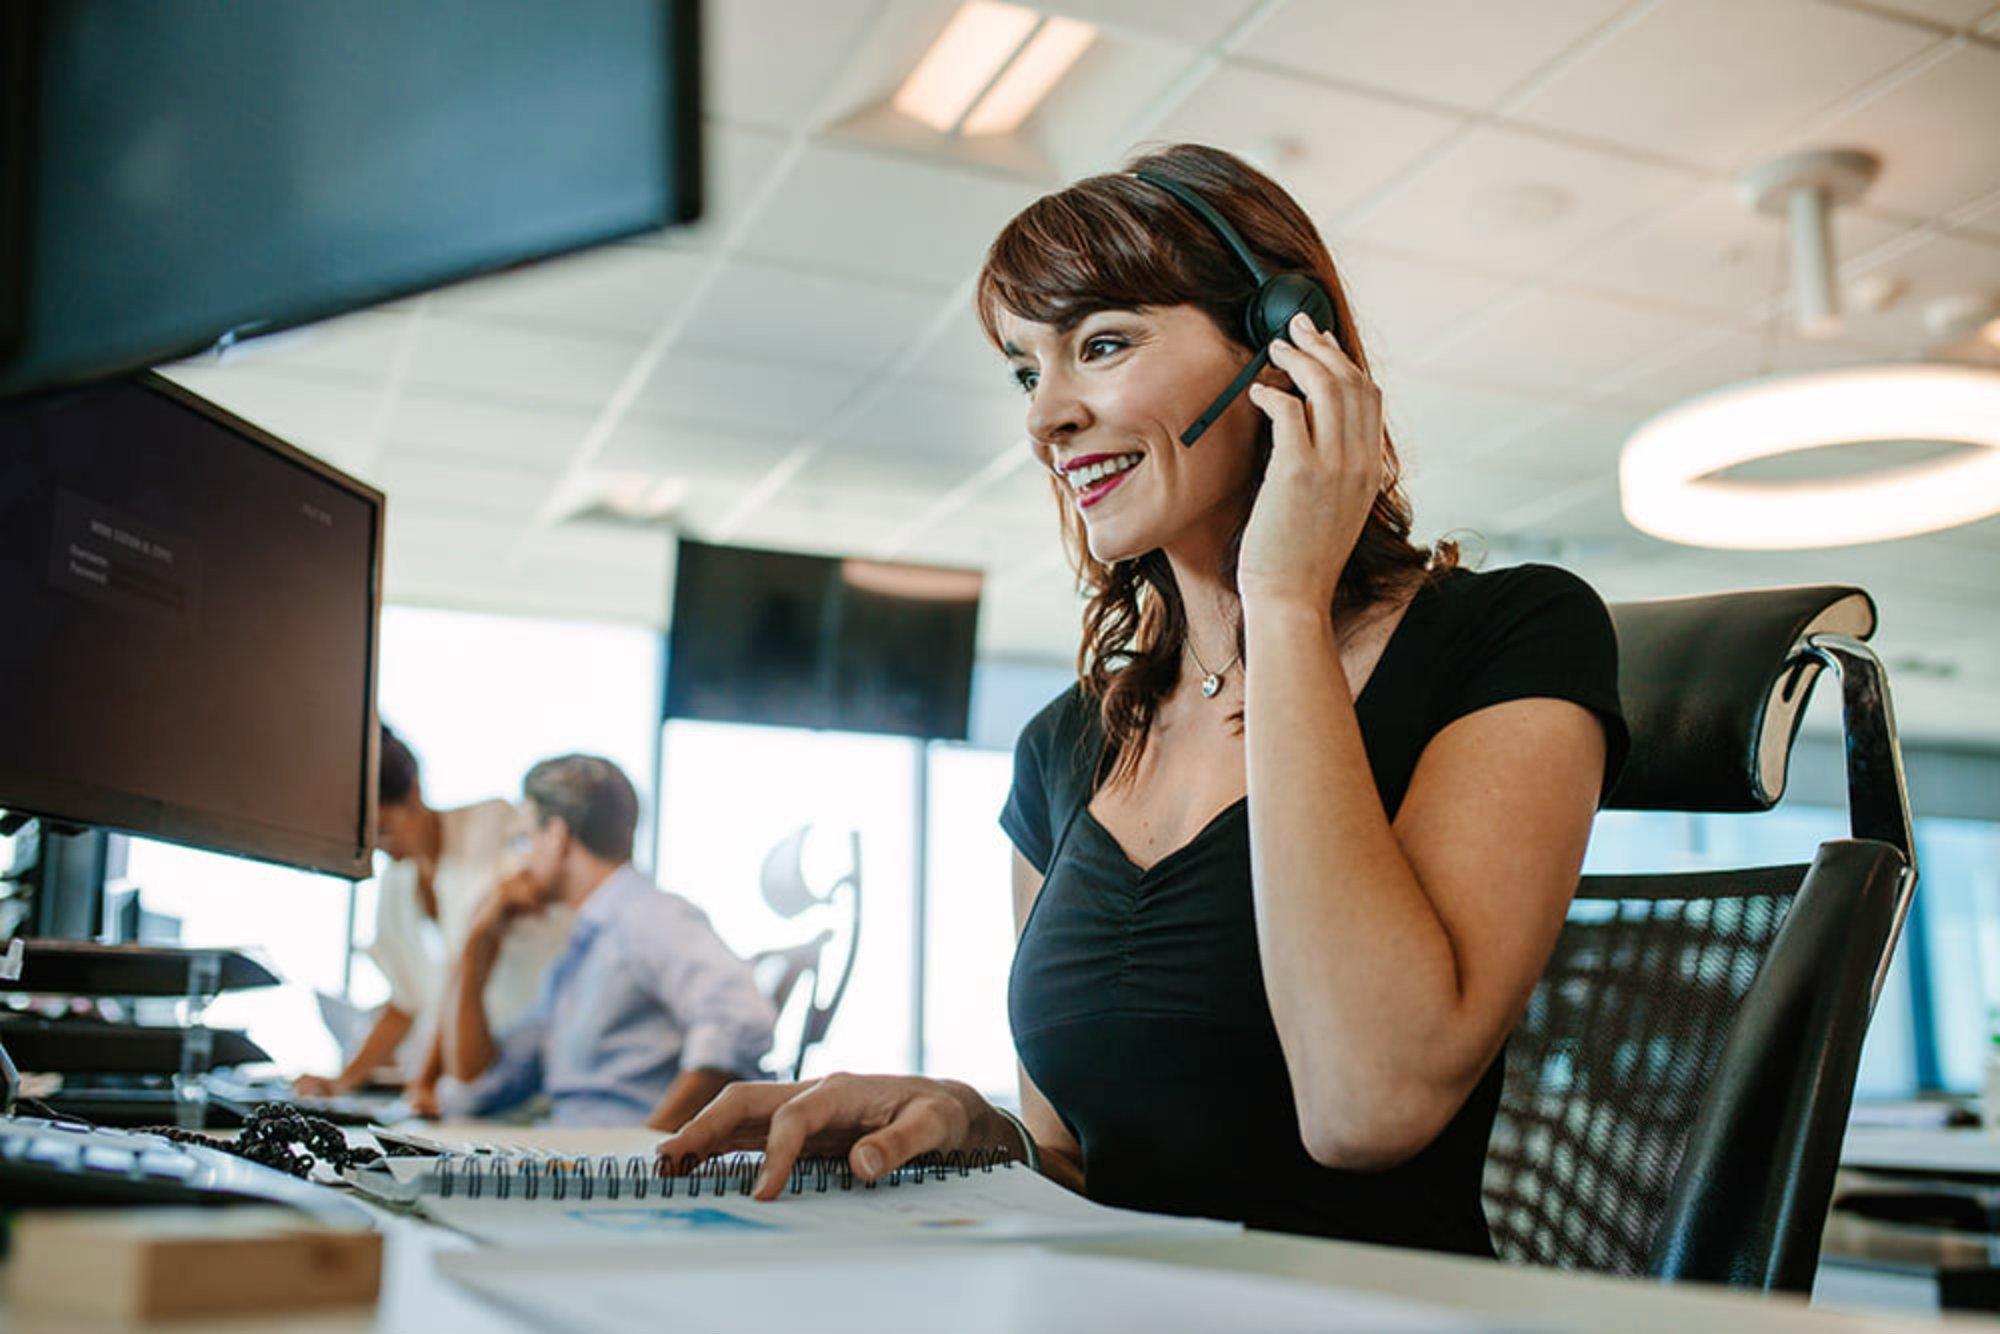 257645-saiba-tudo-sobre-as-diferencas-entre-service-desk-e-help-desk